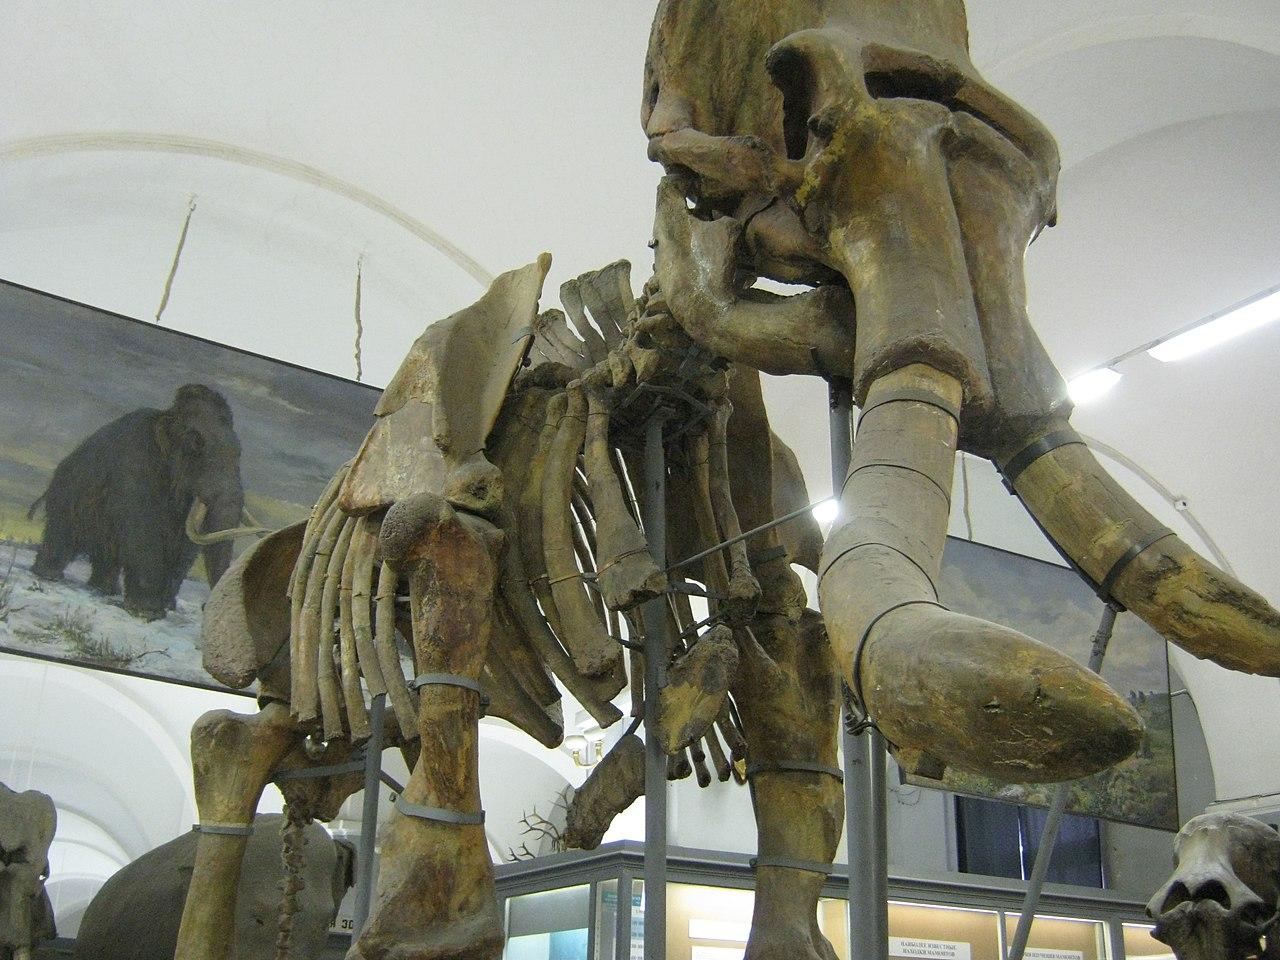 Второй обнаруженный скелет Южного слона выставленный в Санкт-Петербургский зоологический музей РАН.. Автор фото: Константин Кудинов (Wikimedia Commons)